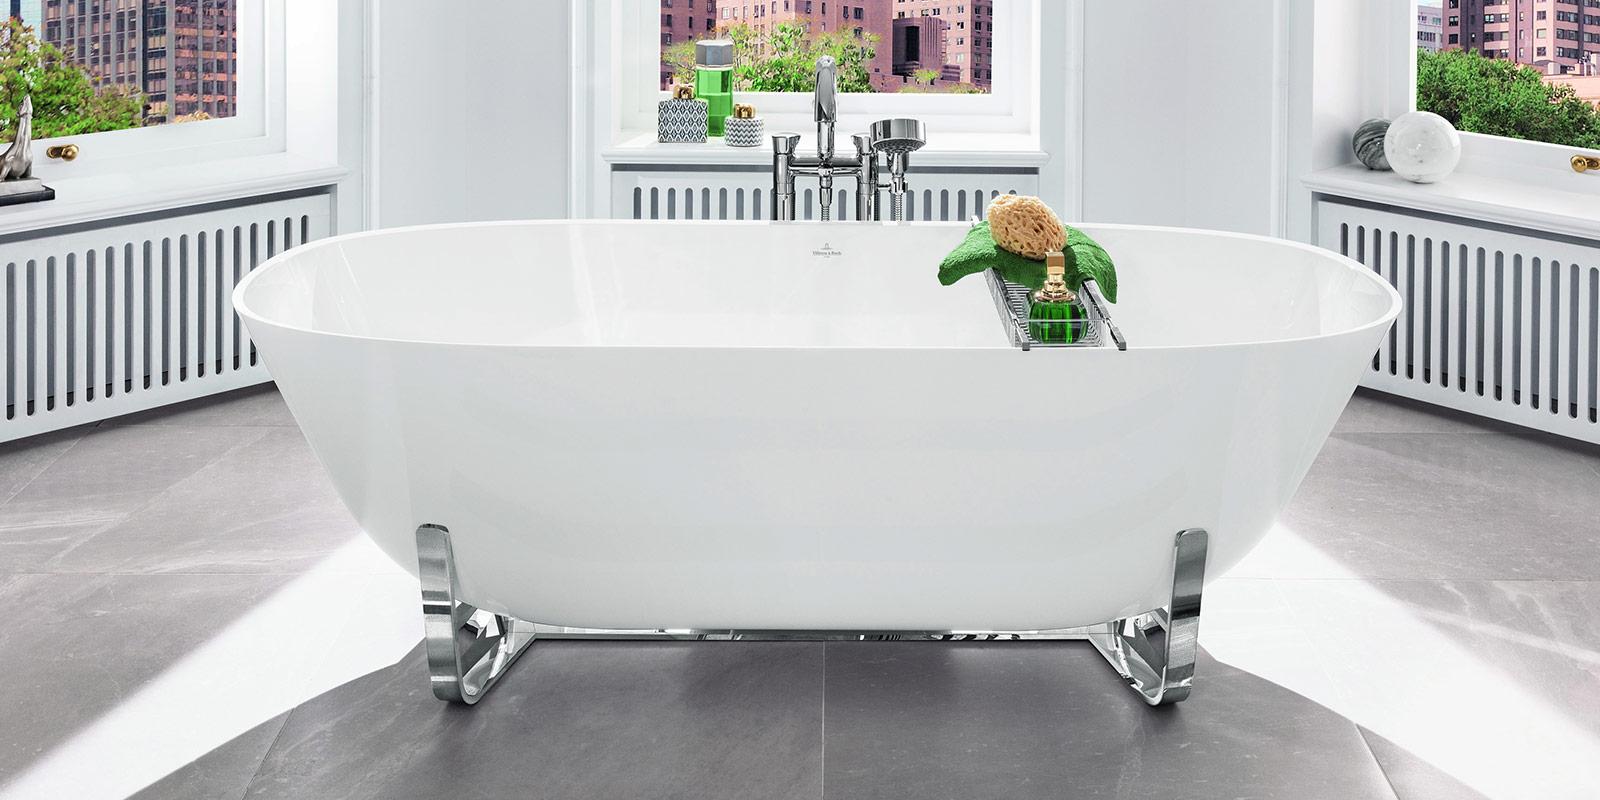 Einzelstehende Badewann im modernen Design